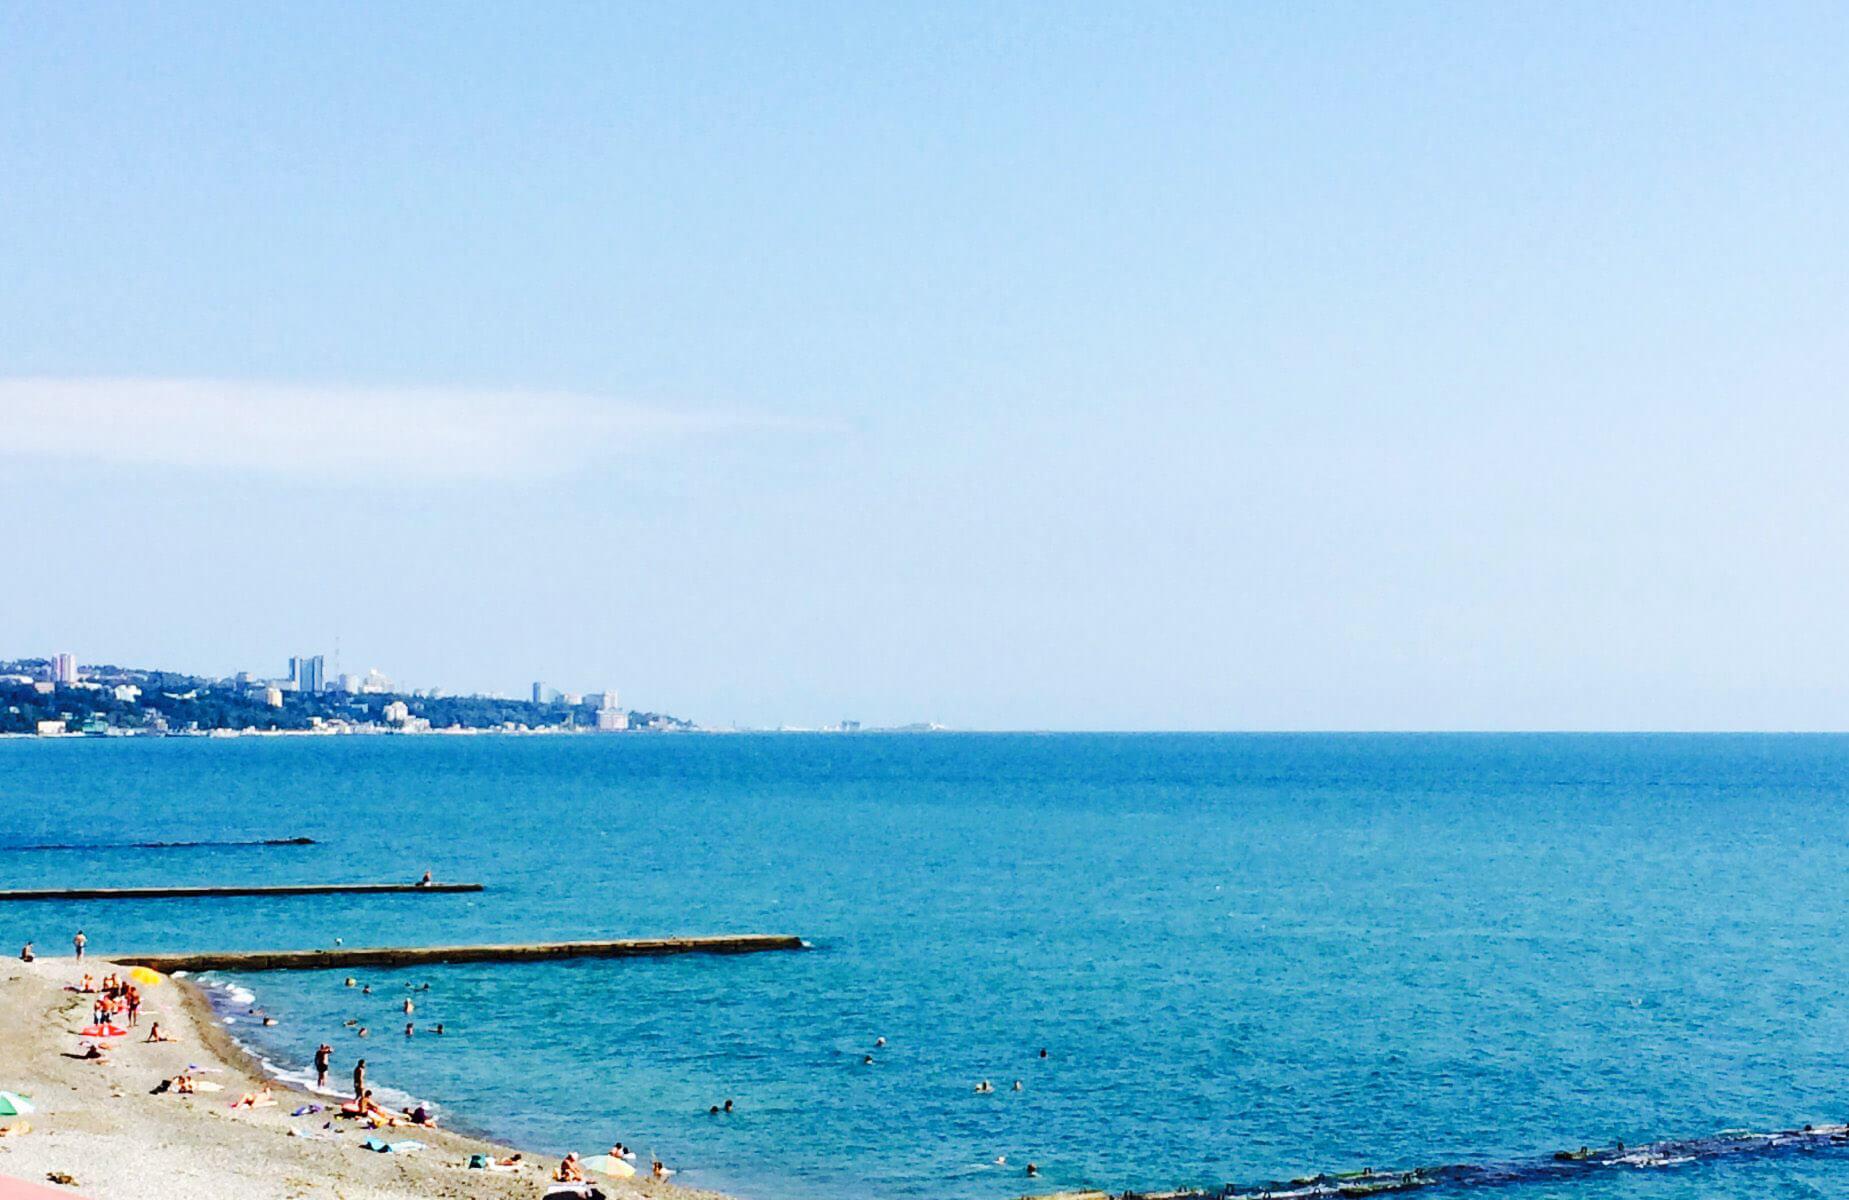 Пляжи в Сочи - Пляж73-й километр